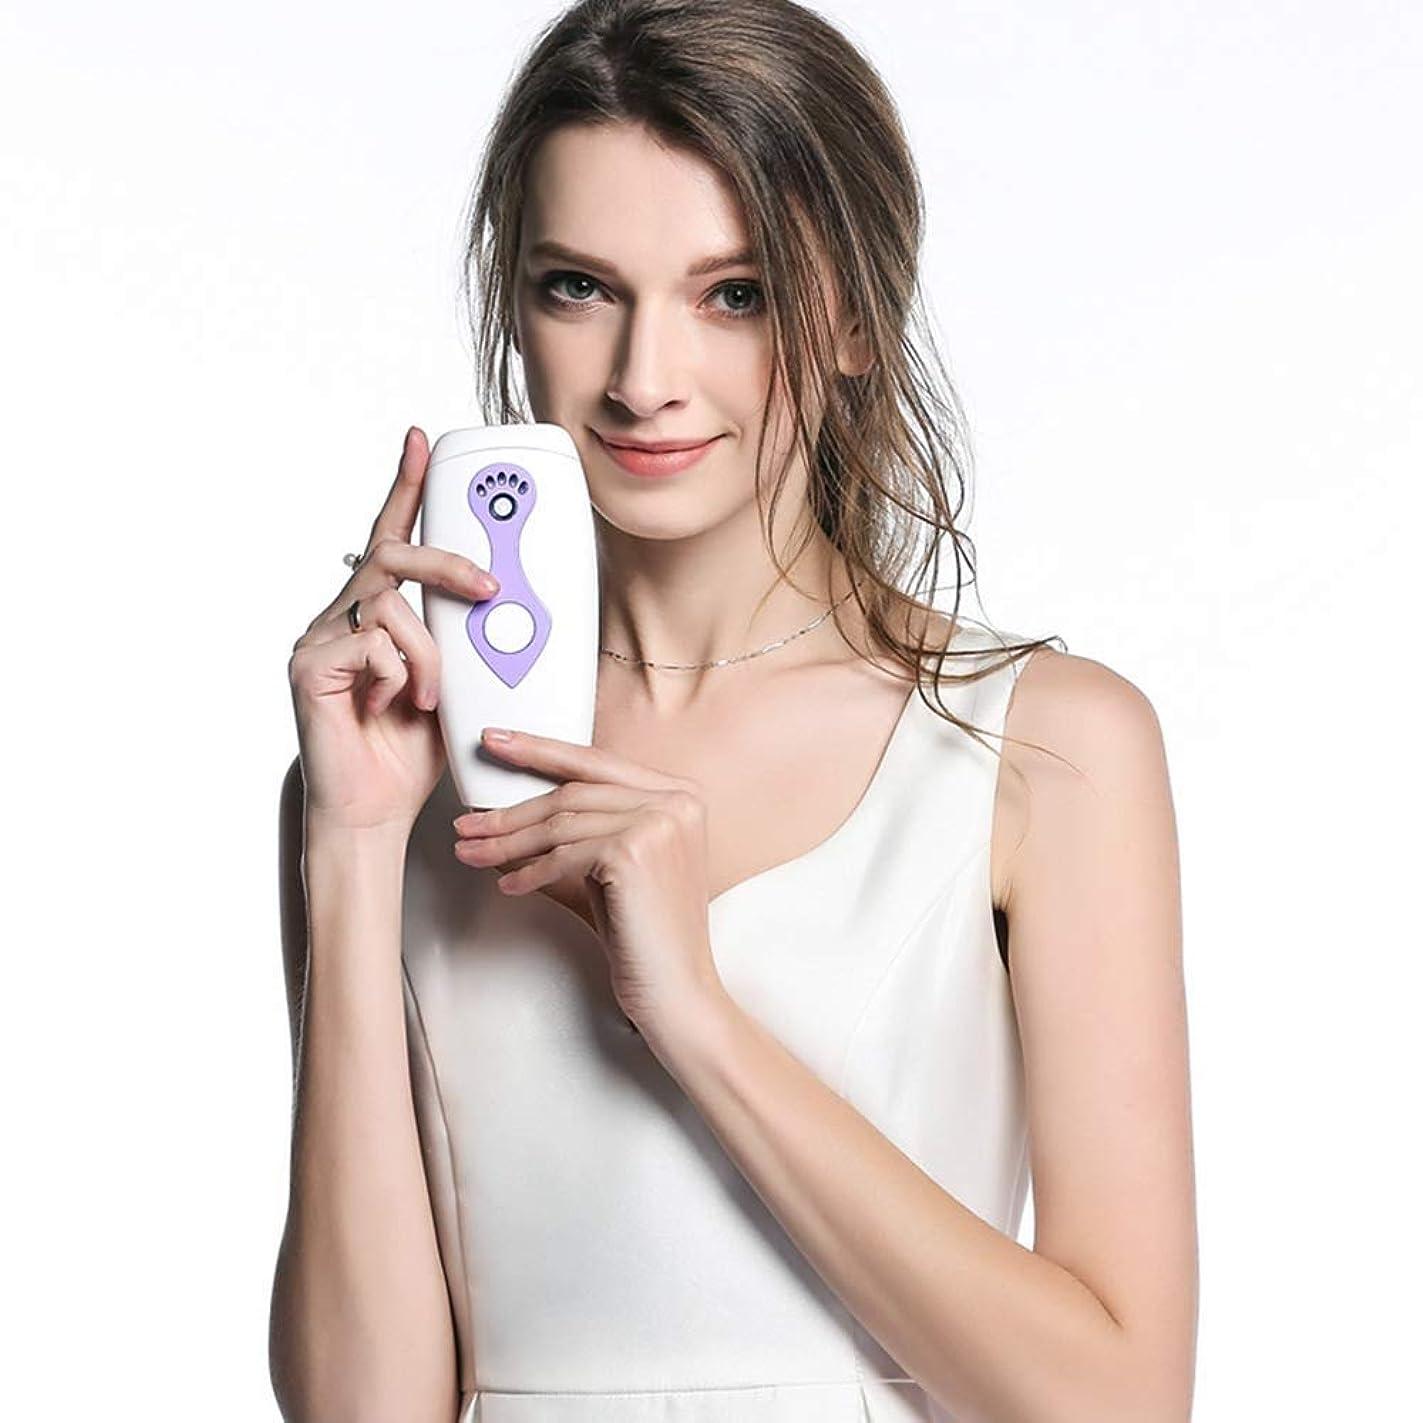 導体矢遠近法Trliy- 電気レーザー脱毛器、女性および男性のための携帯用痛みのないシェーバーの永久的な毛の取り外しの器械を満たすIPL光子